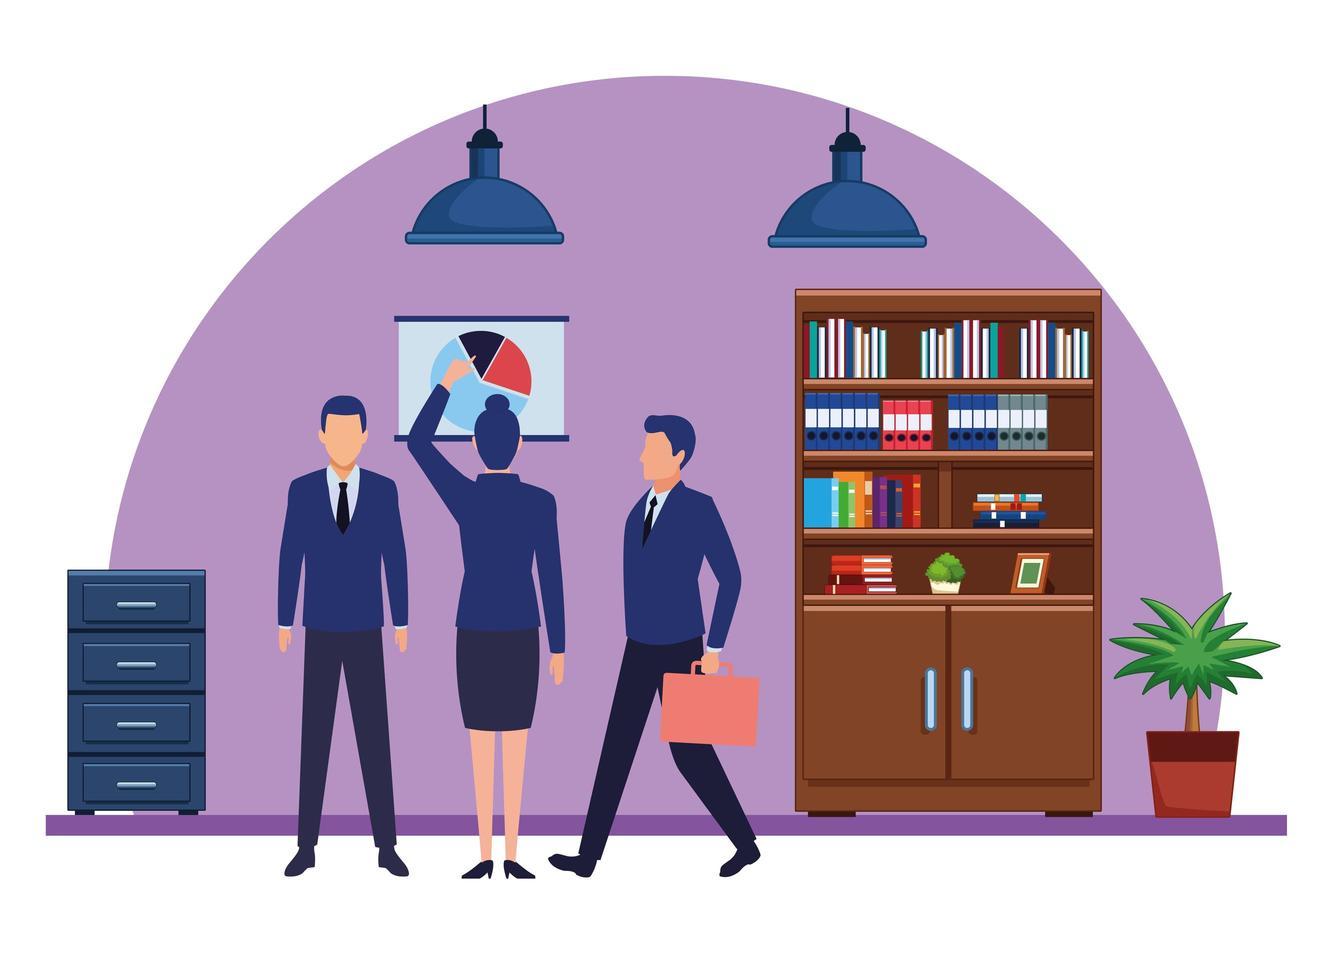 Geschäftsleute im Büro, die verschiedene Aktivitäten ausführen vektor